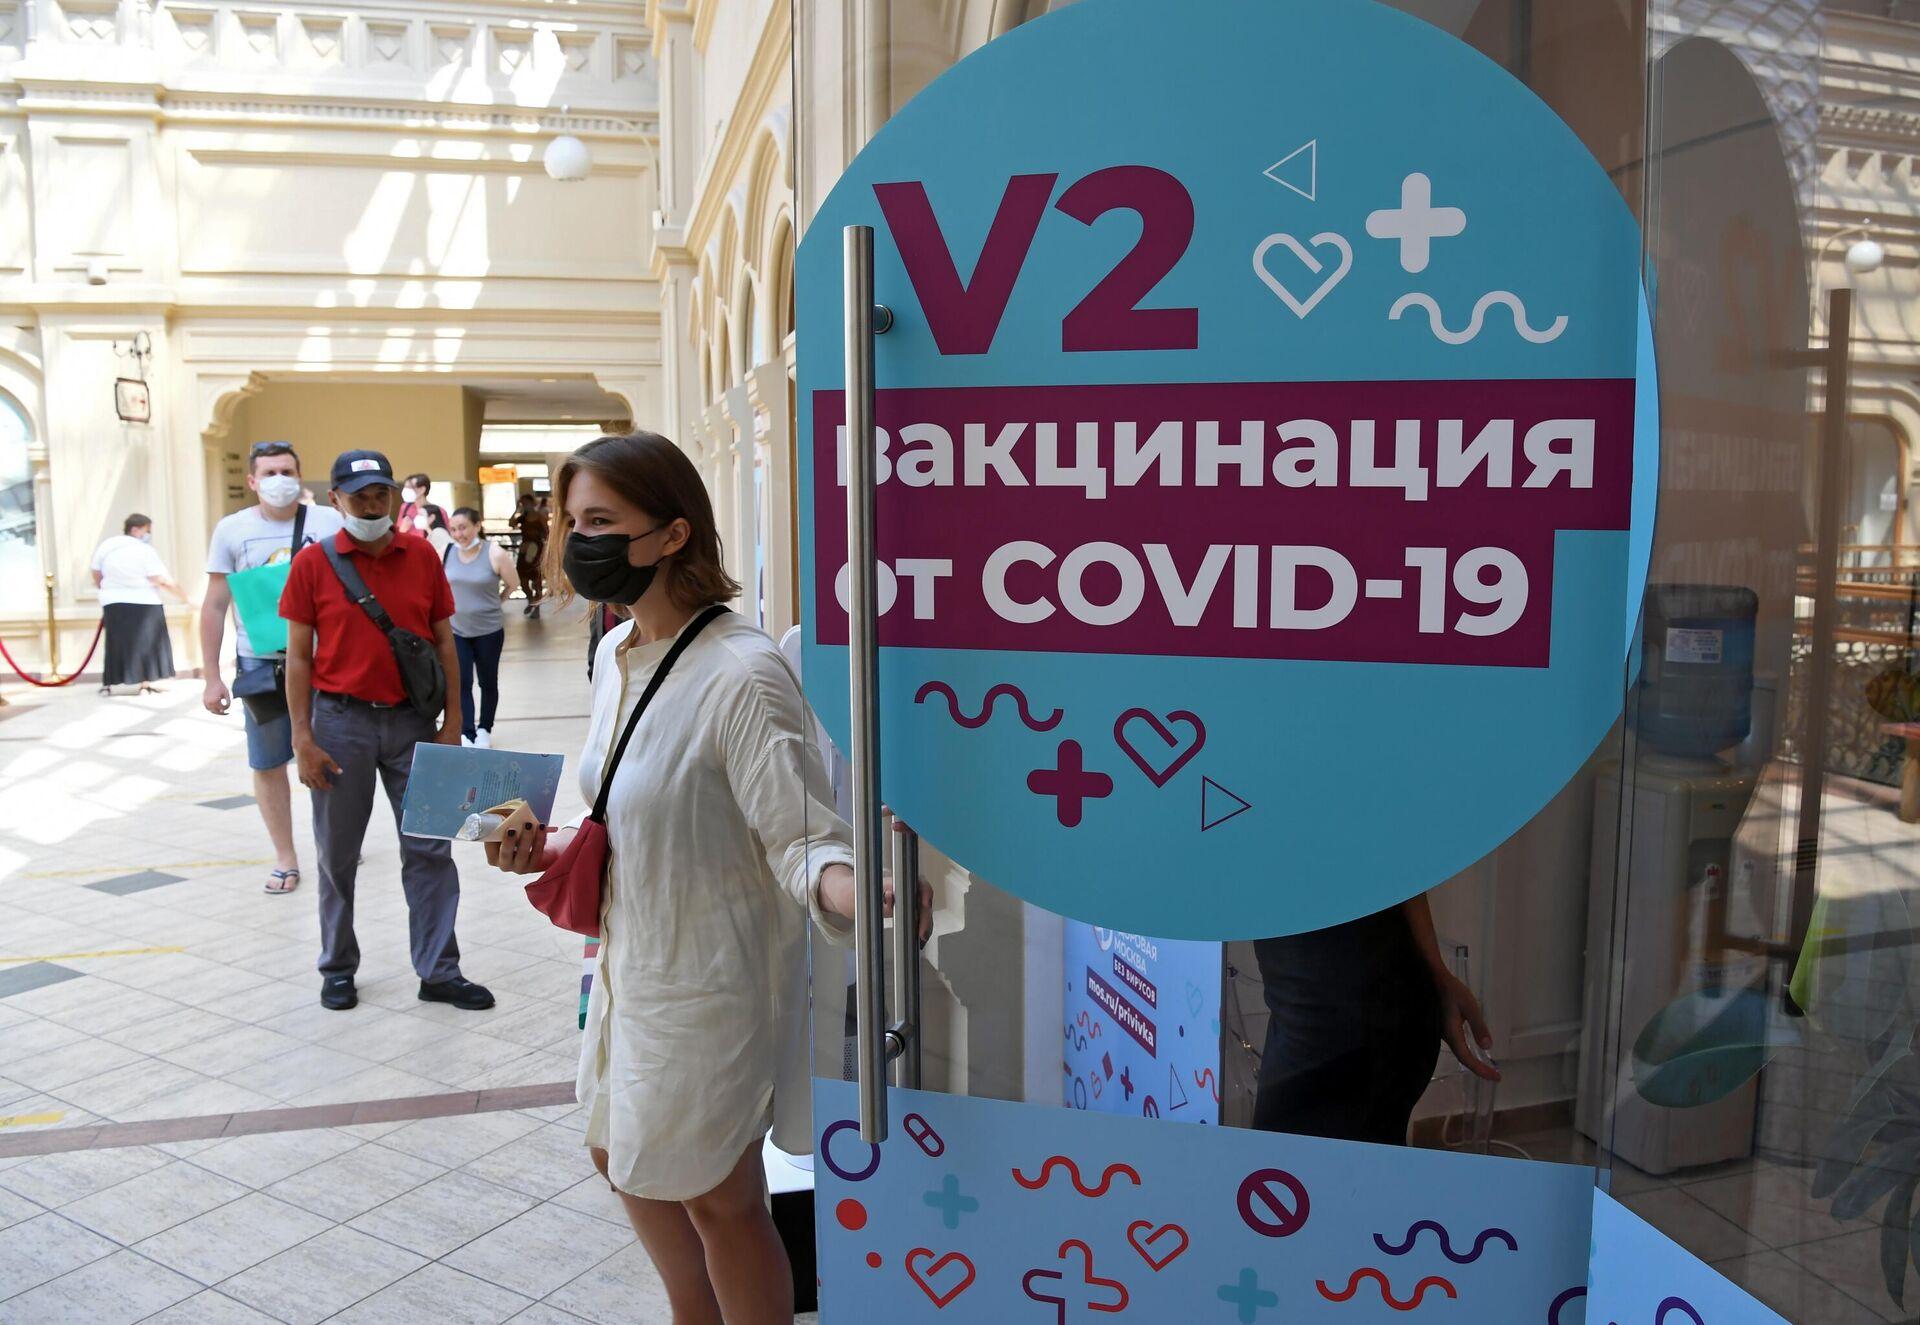 Люди, желающие пройти вакцинацию, в очереди в прививочный кабинет в ГУМе - РИА Новости, 1920, 30.09.2021